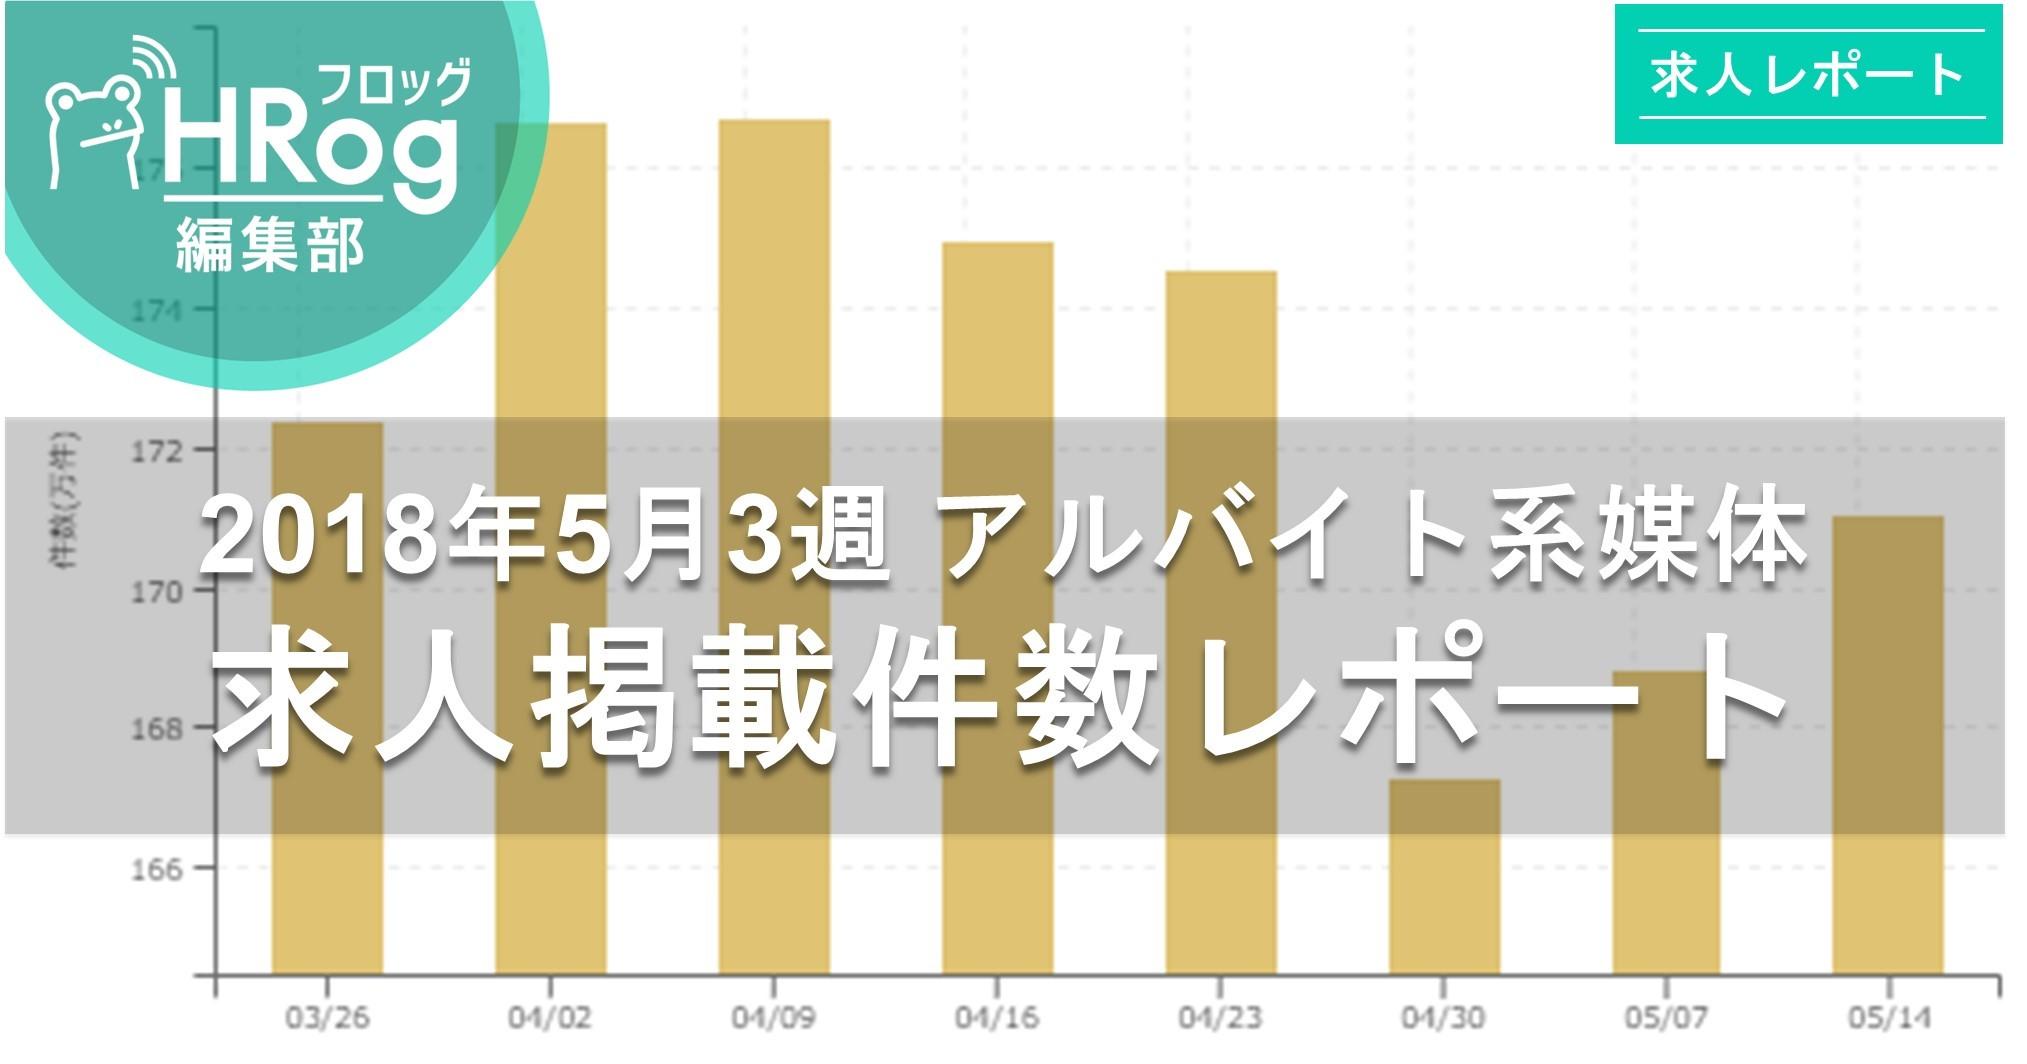 【2018年5月3週 アルバイト系媒体 求人掲載件数レポート】復調の兆し、2週連続増!